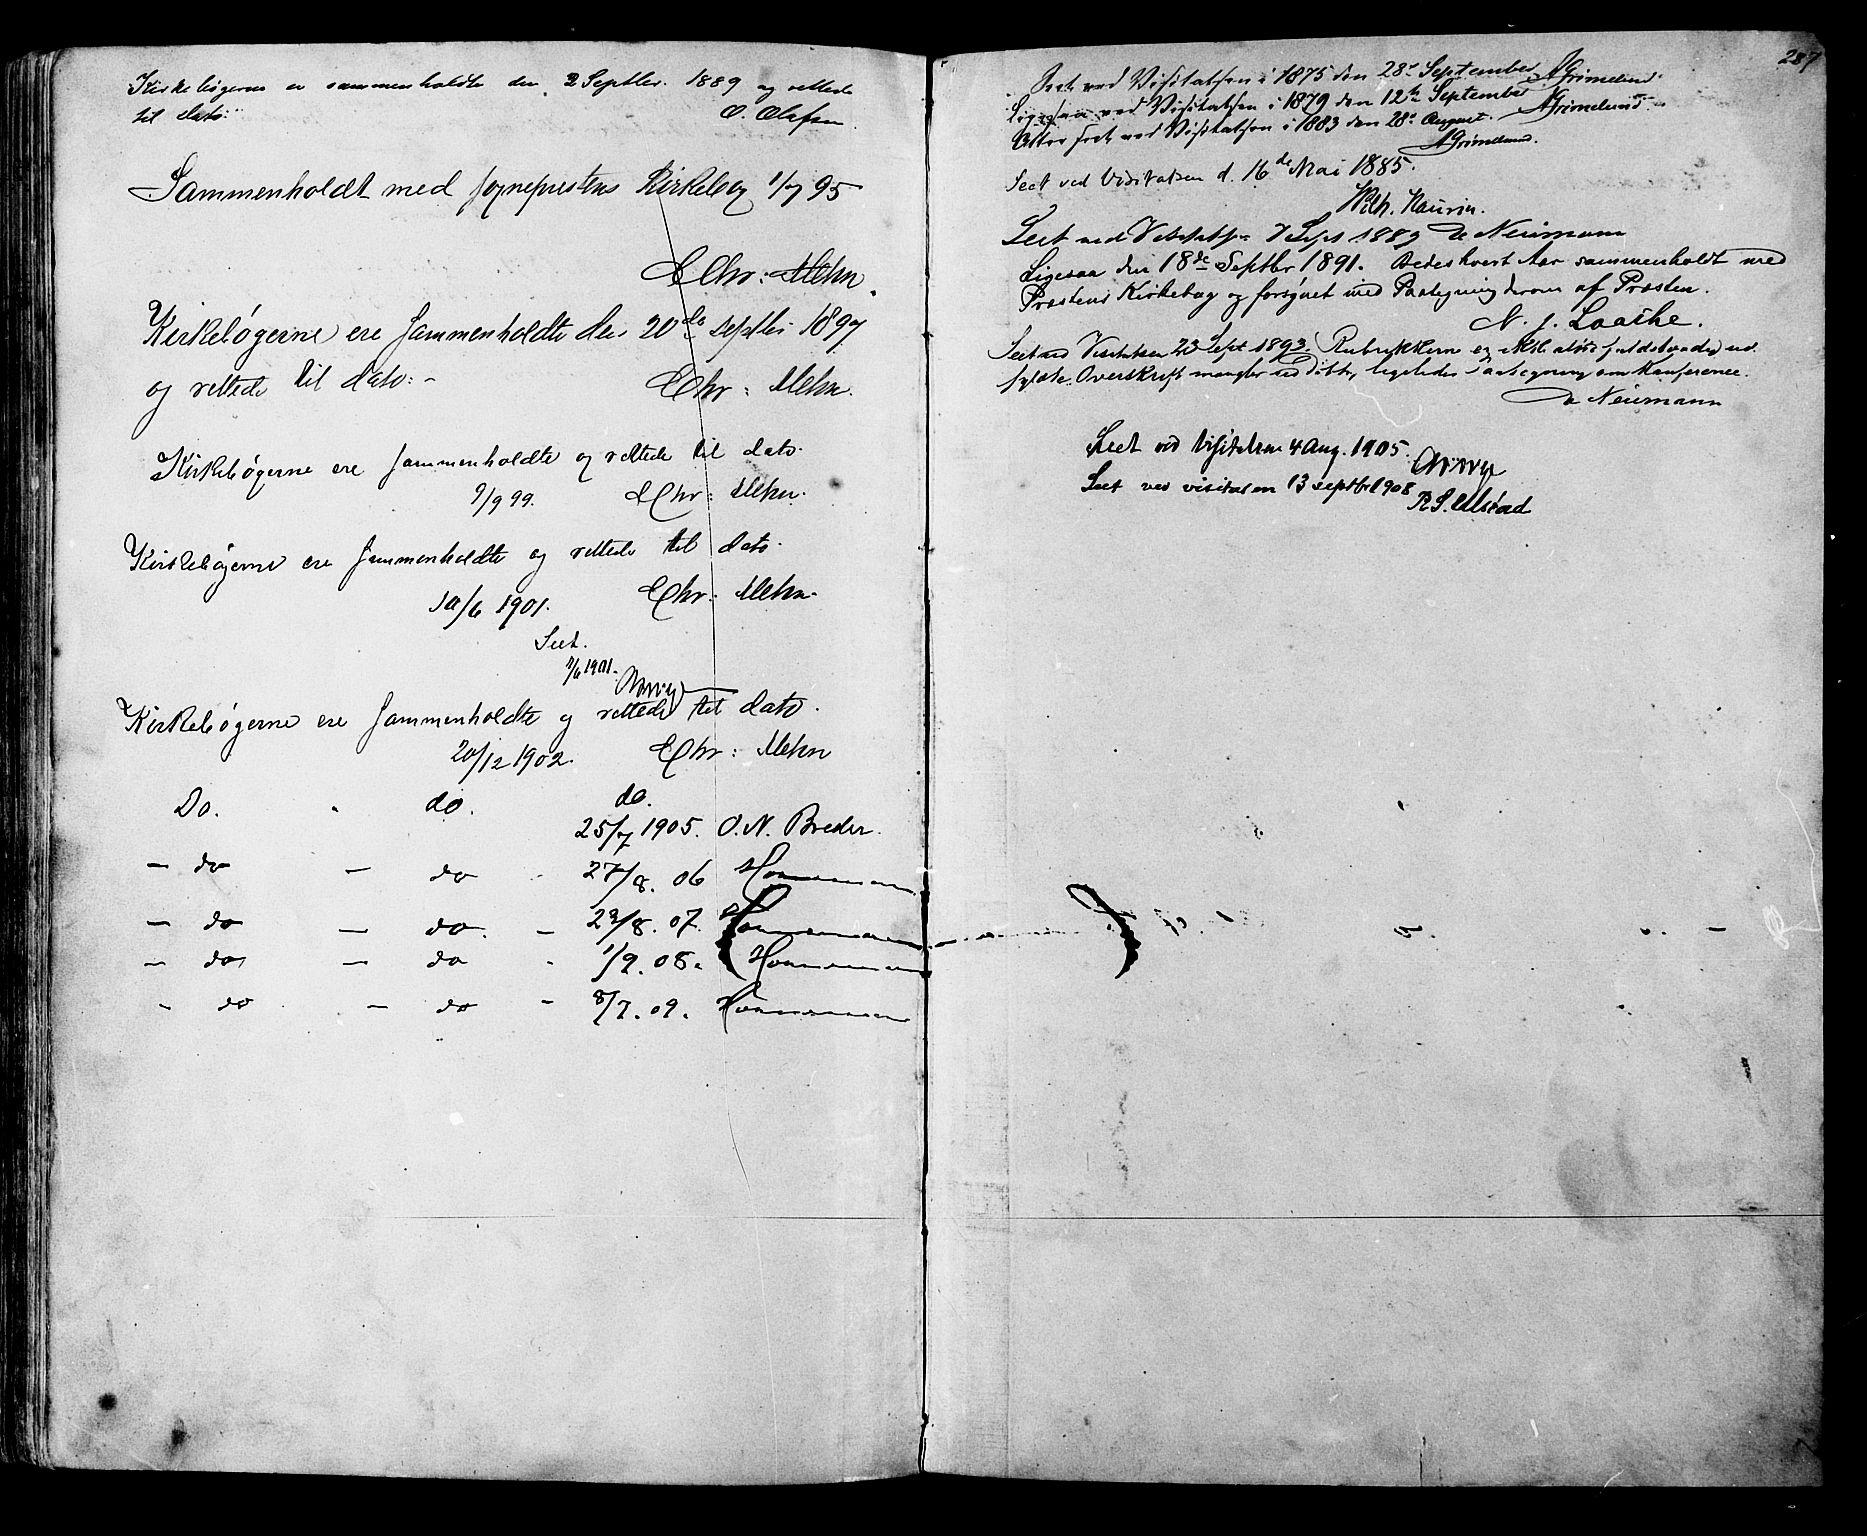 SAT, Ministerialprotokoller, klokkerbøker og fødselsregistre - Sør-Trøndelag, 612/L0387: Klokkerbok nr. 612C03, 1874-1908, s. 257